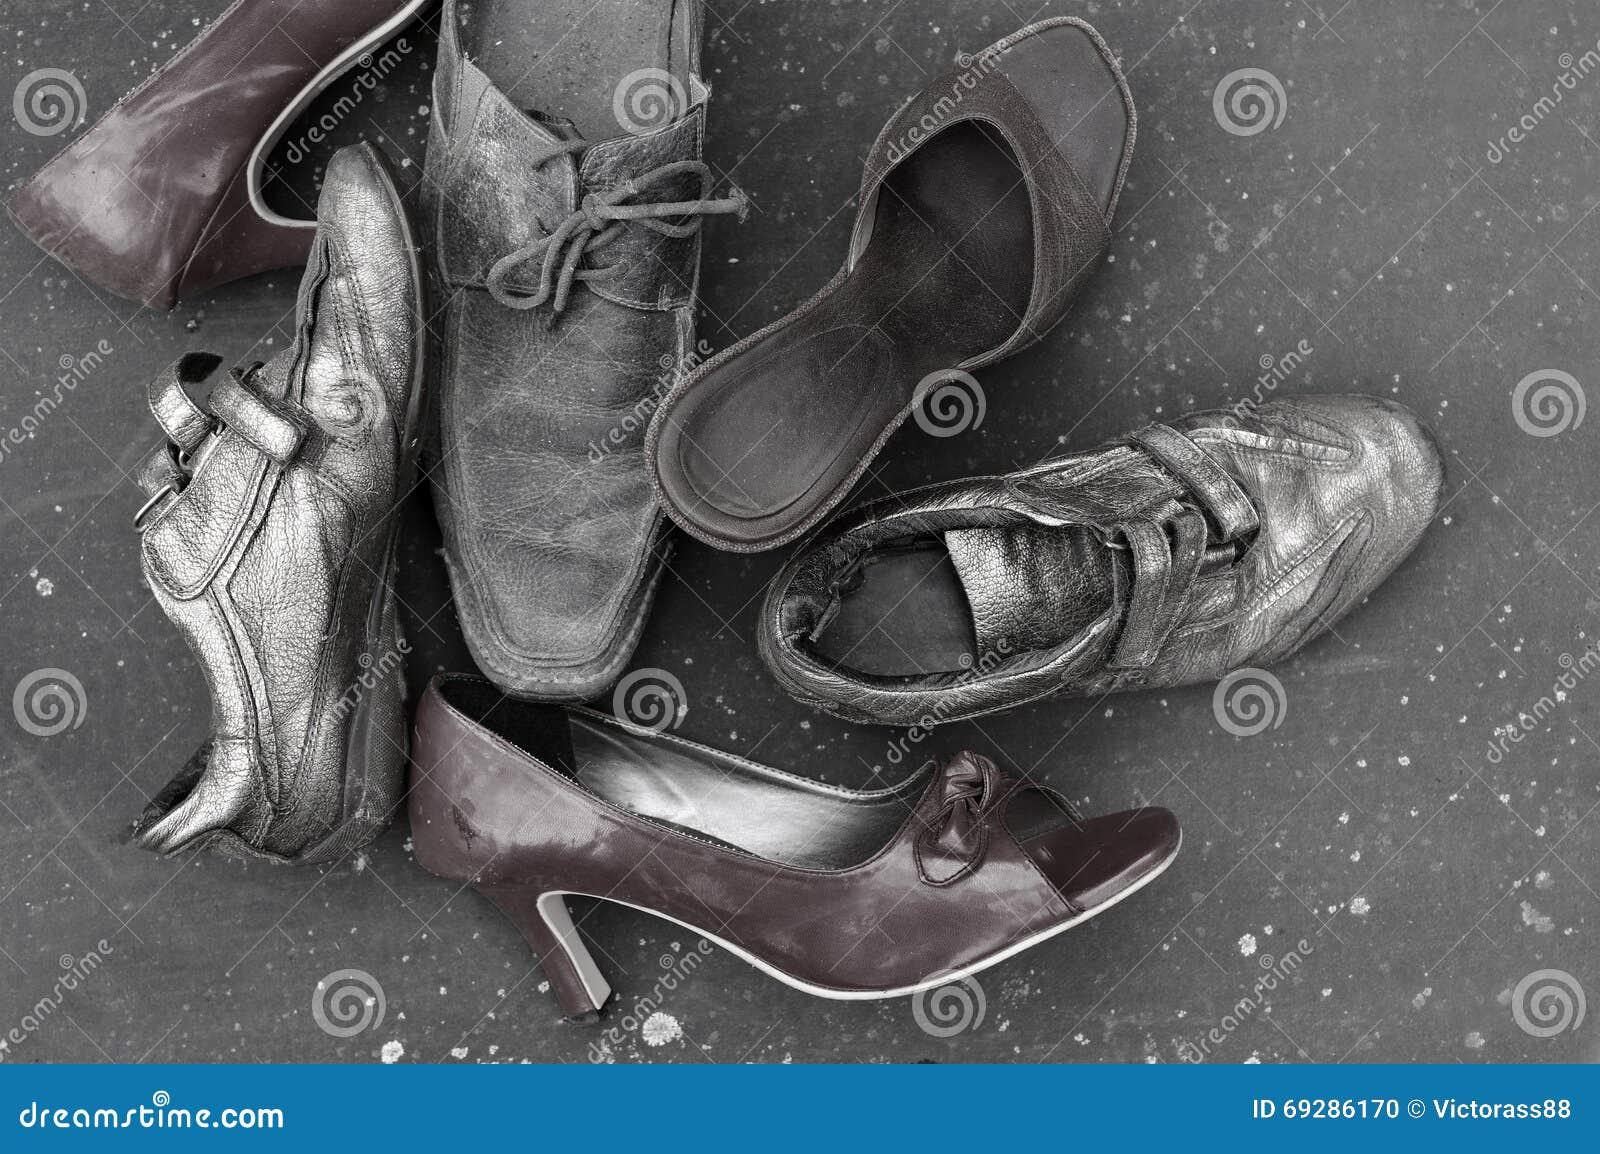 de y blanco Los zapatos arriba pusieron abandonados en la tiro diversos en tierra negro Uw74U8